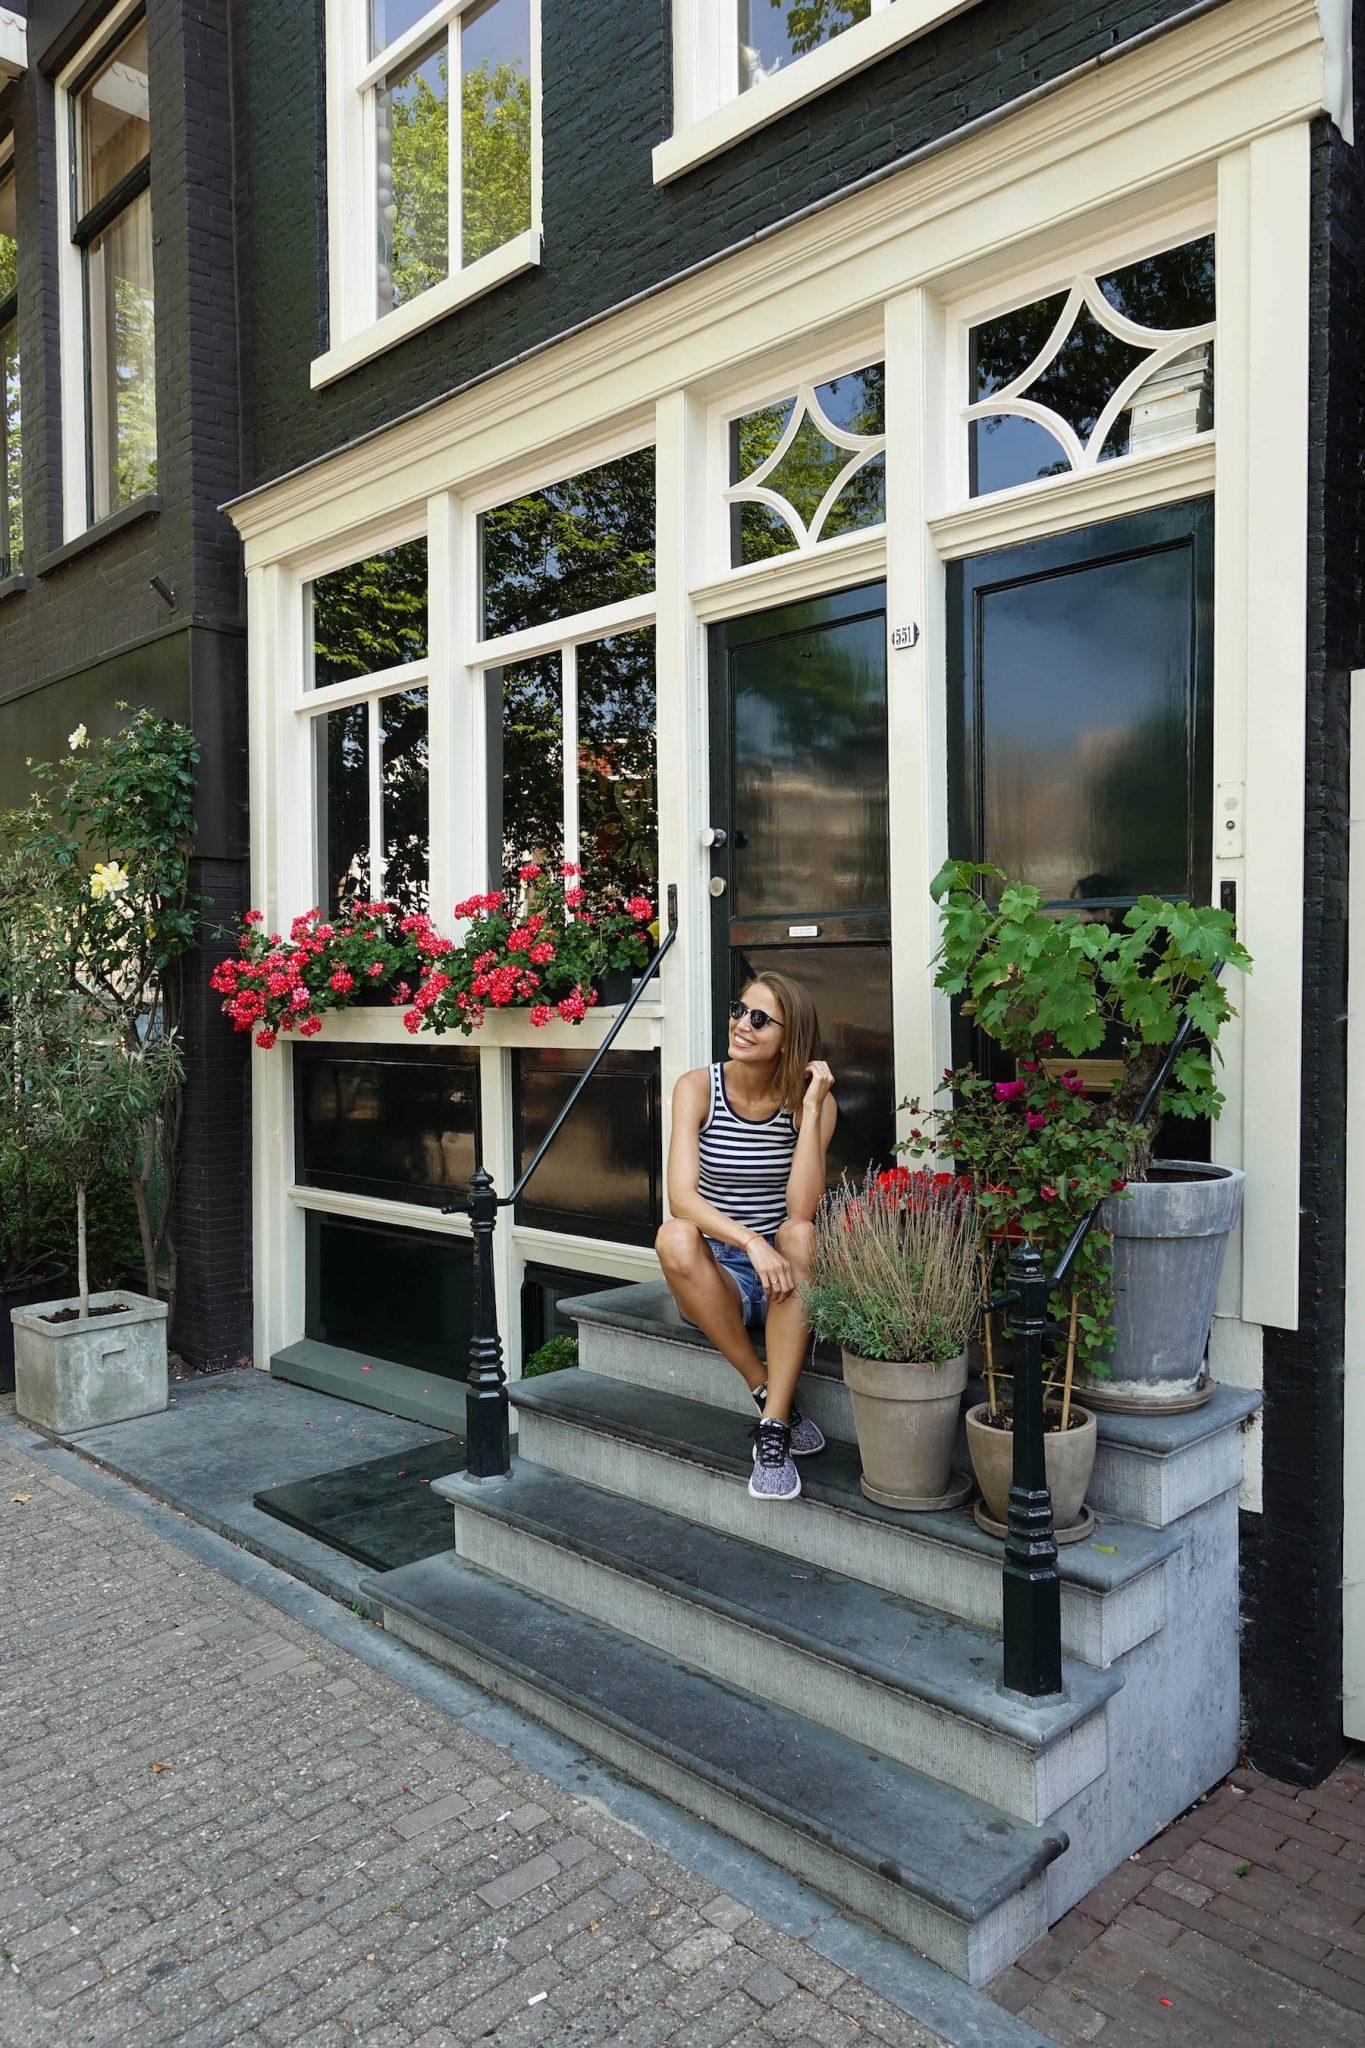 suelovesnyc_reise_ruckblick_2018_reisen_reise_highlights_amsterdam_kurztrip